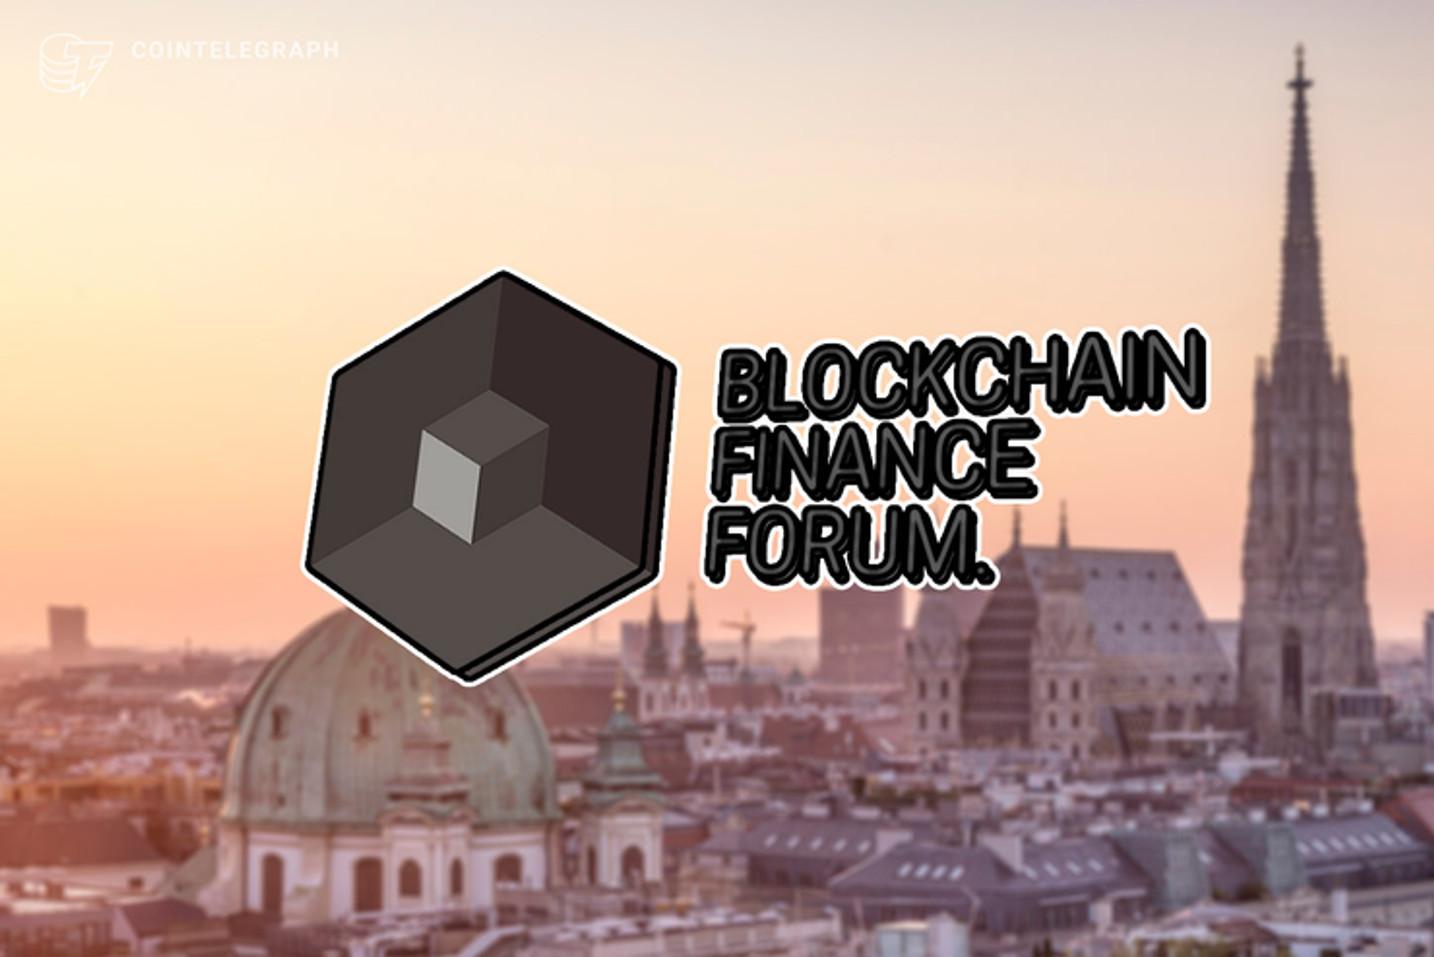 Blockchain Finance Forum versammelt die Finanzwelt in Wien